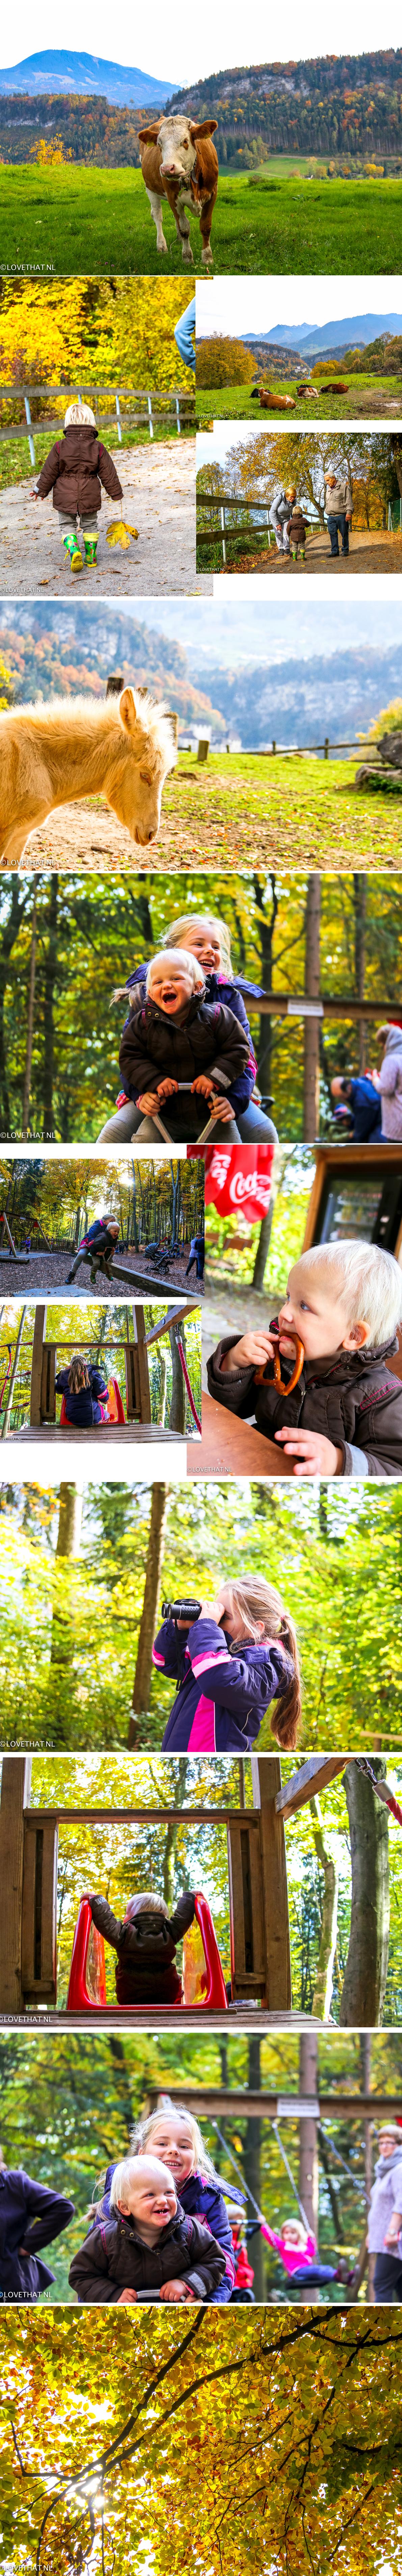 collage-feldkirch-wildpark-herfst